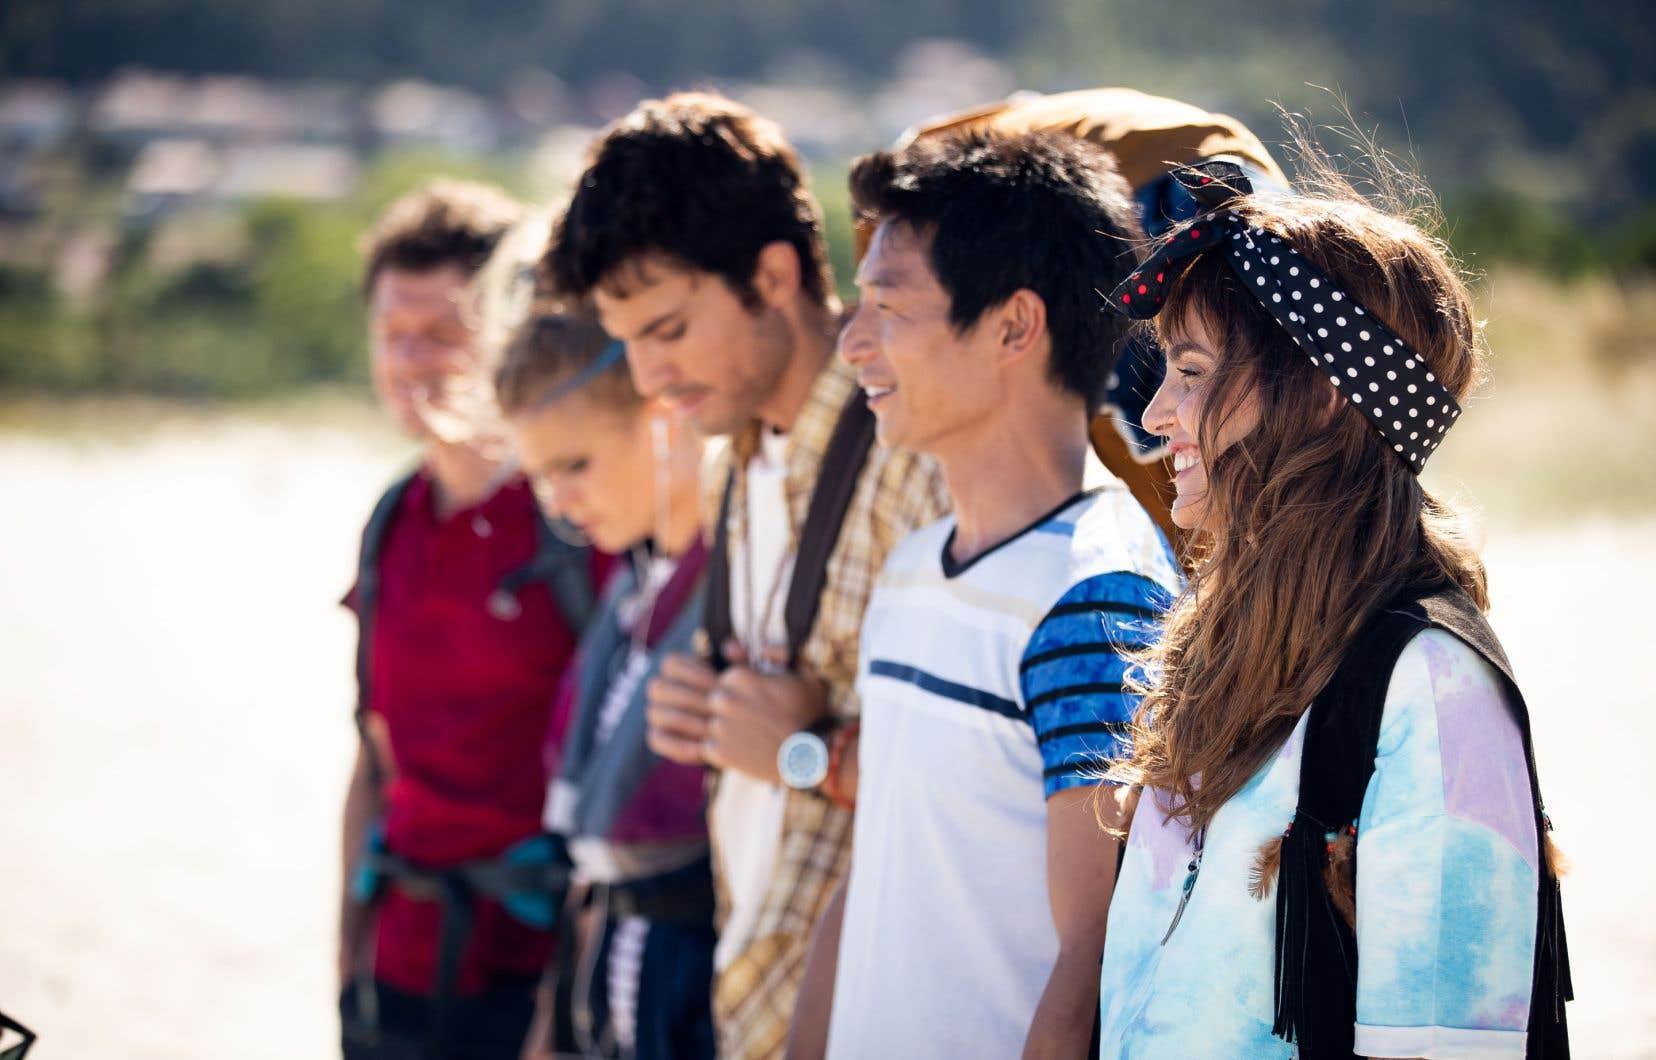 Cette comédie dramatique en huit épisodes est un récit d'apprentissage en trois temps de cinq jeunes adultes qui deviennent amis lors d'un pèlerinage au tournant du millénaire dans la portion espagnole du chemin de Compostelle.